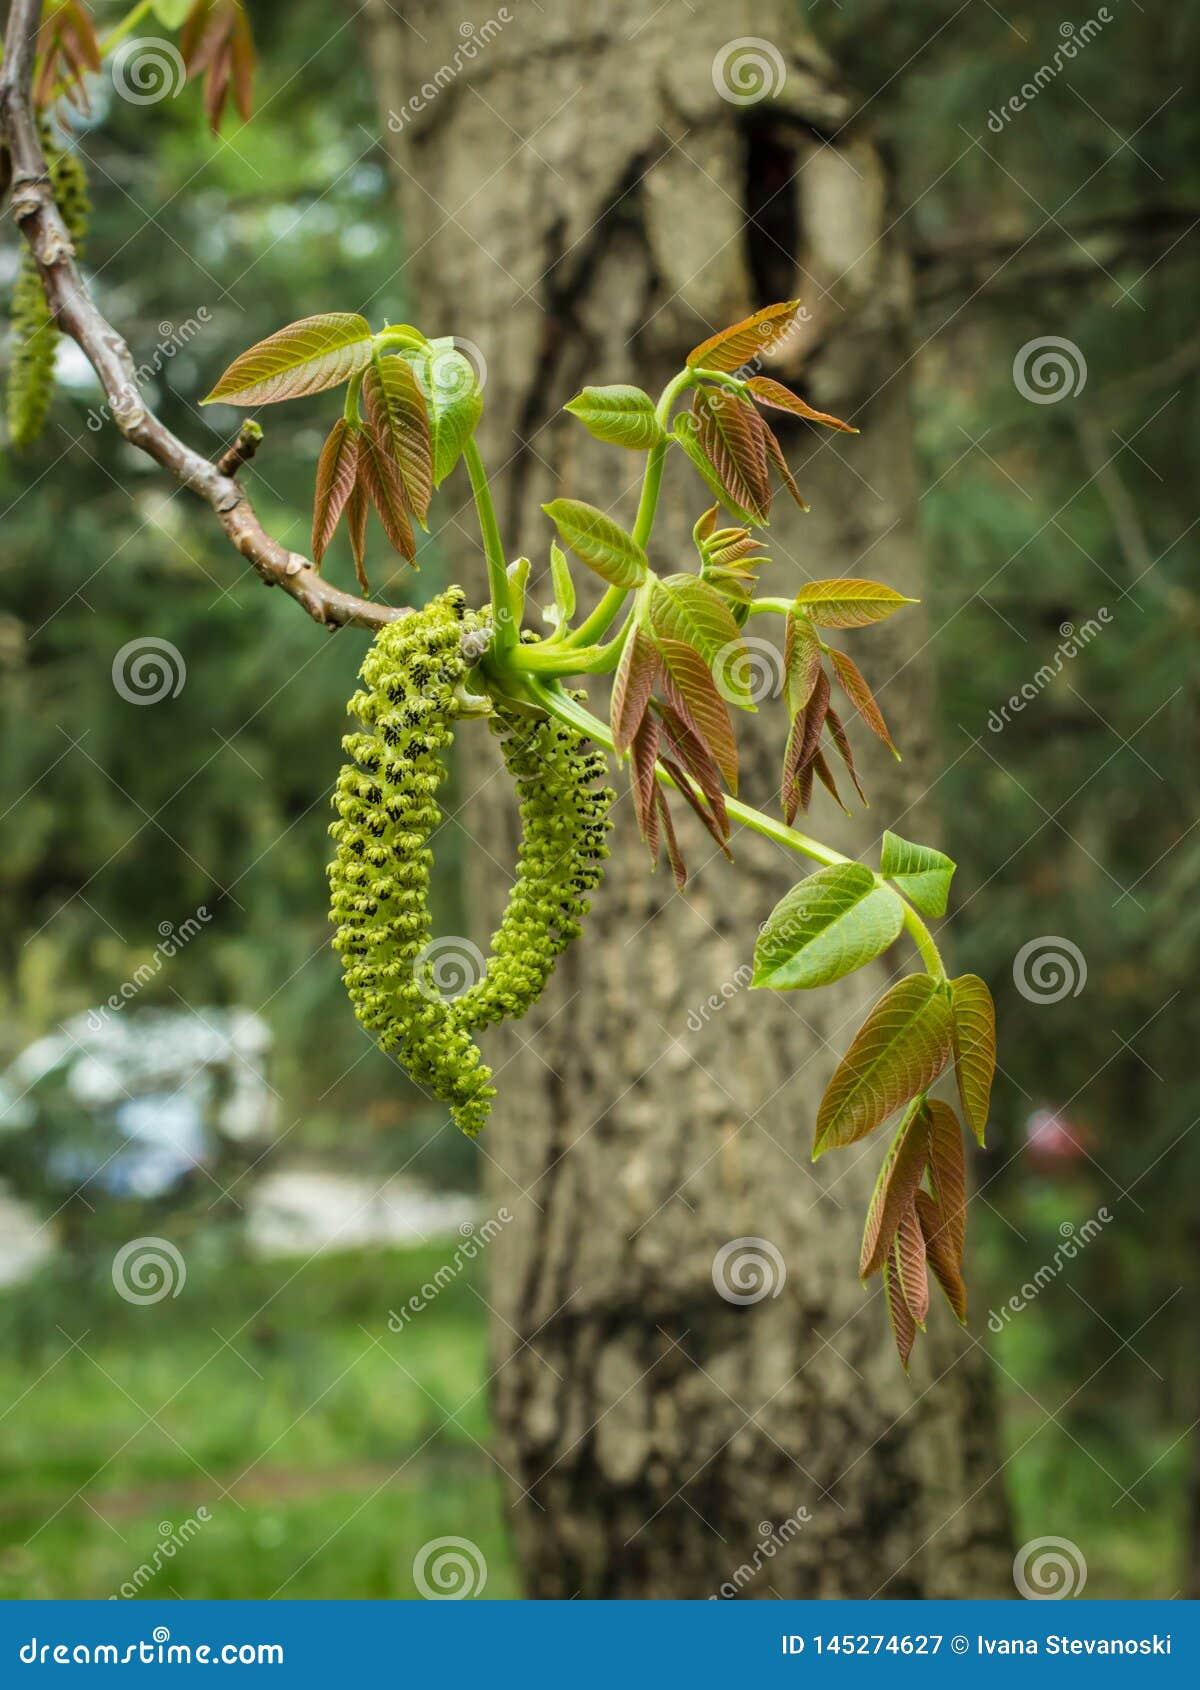 Männliche Blume der englischen Walnuss, lateinische Name Juglans Regia